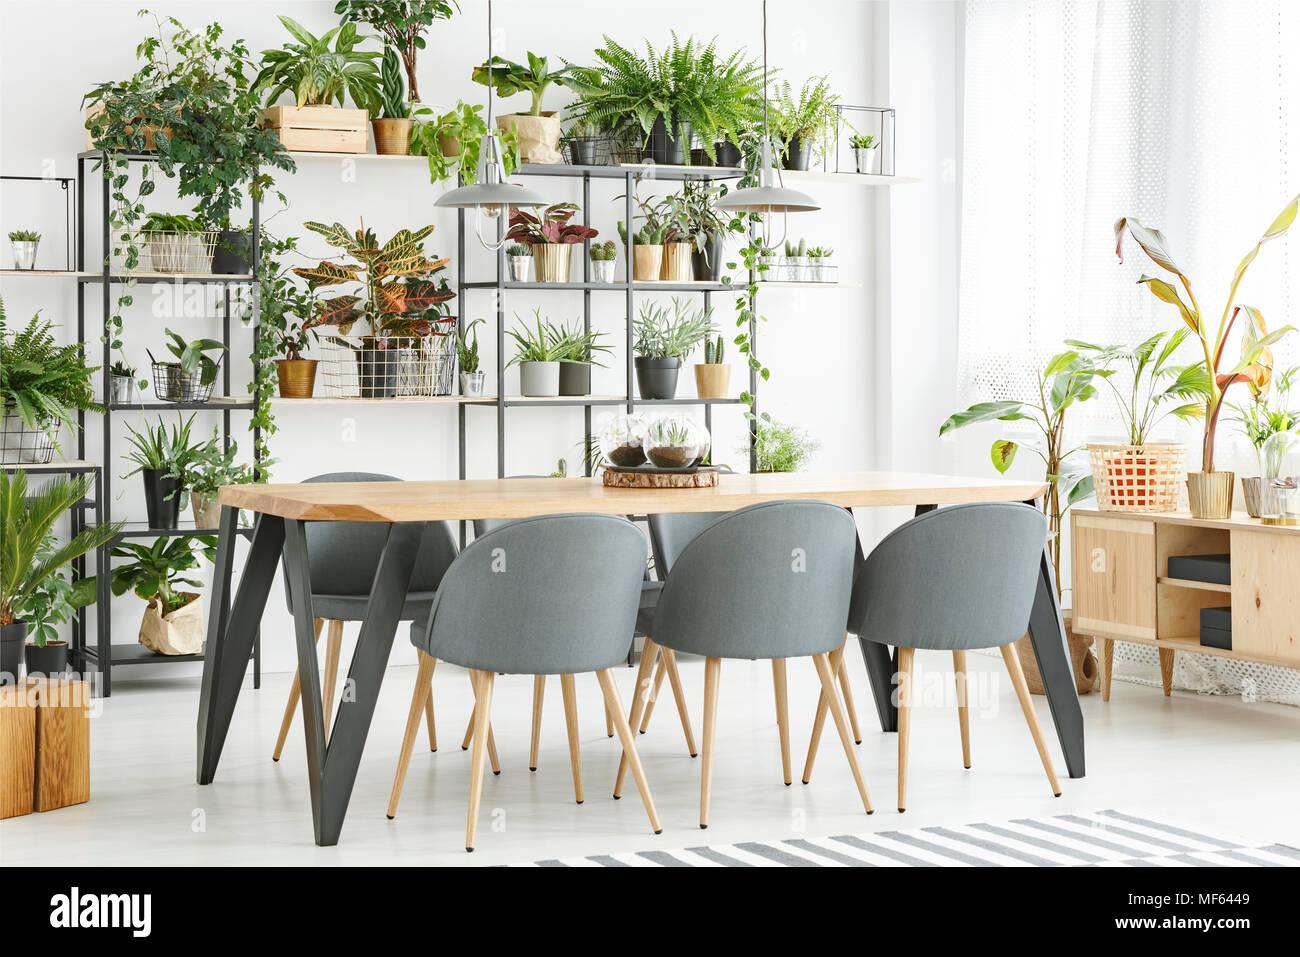 Tavoli Sala Da Pranzo In Legno : Sedie grigio al tavolo in legno naturale e in sala da pranzo interno